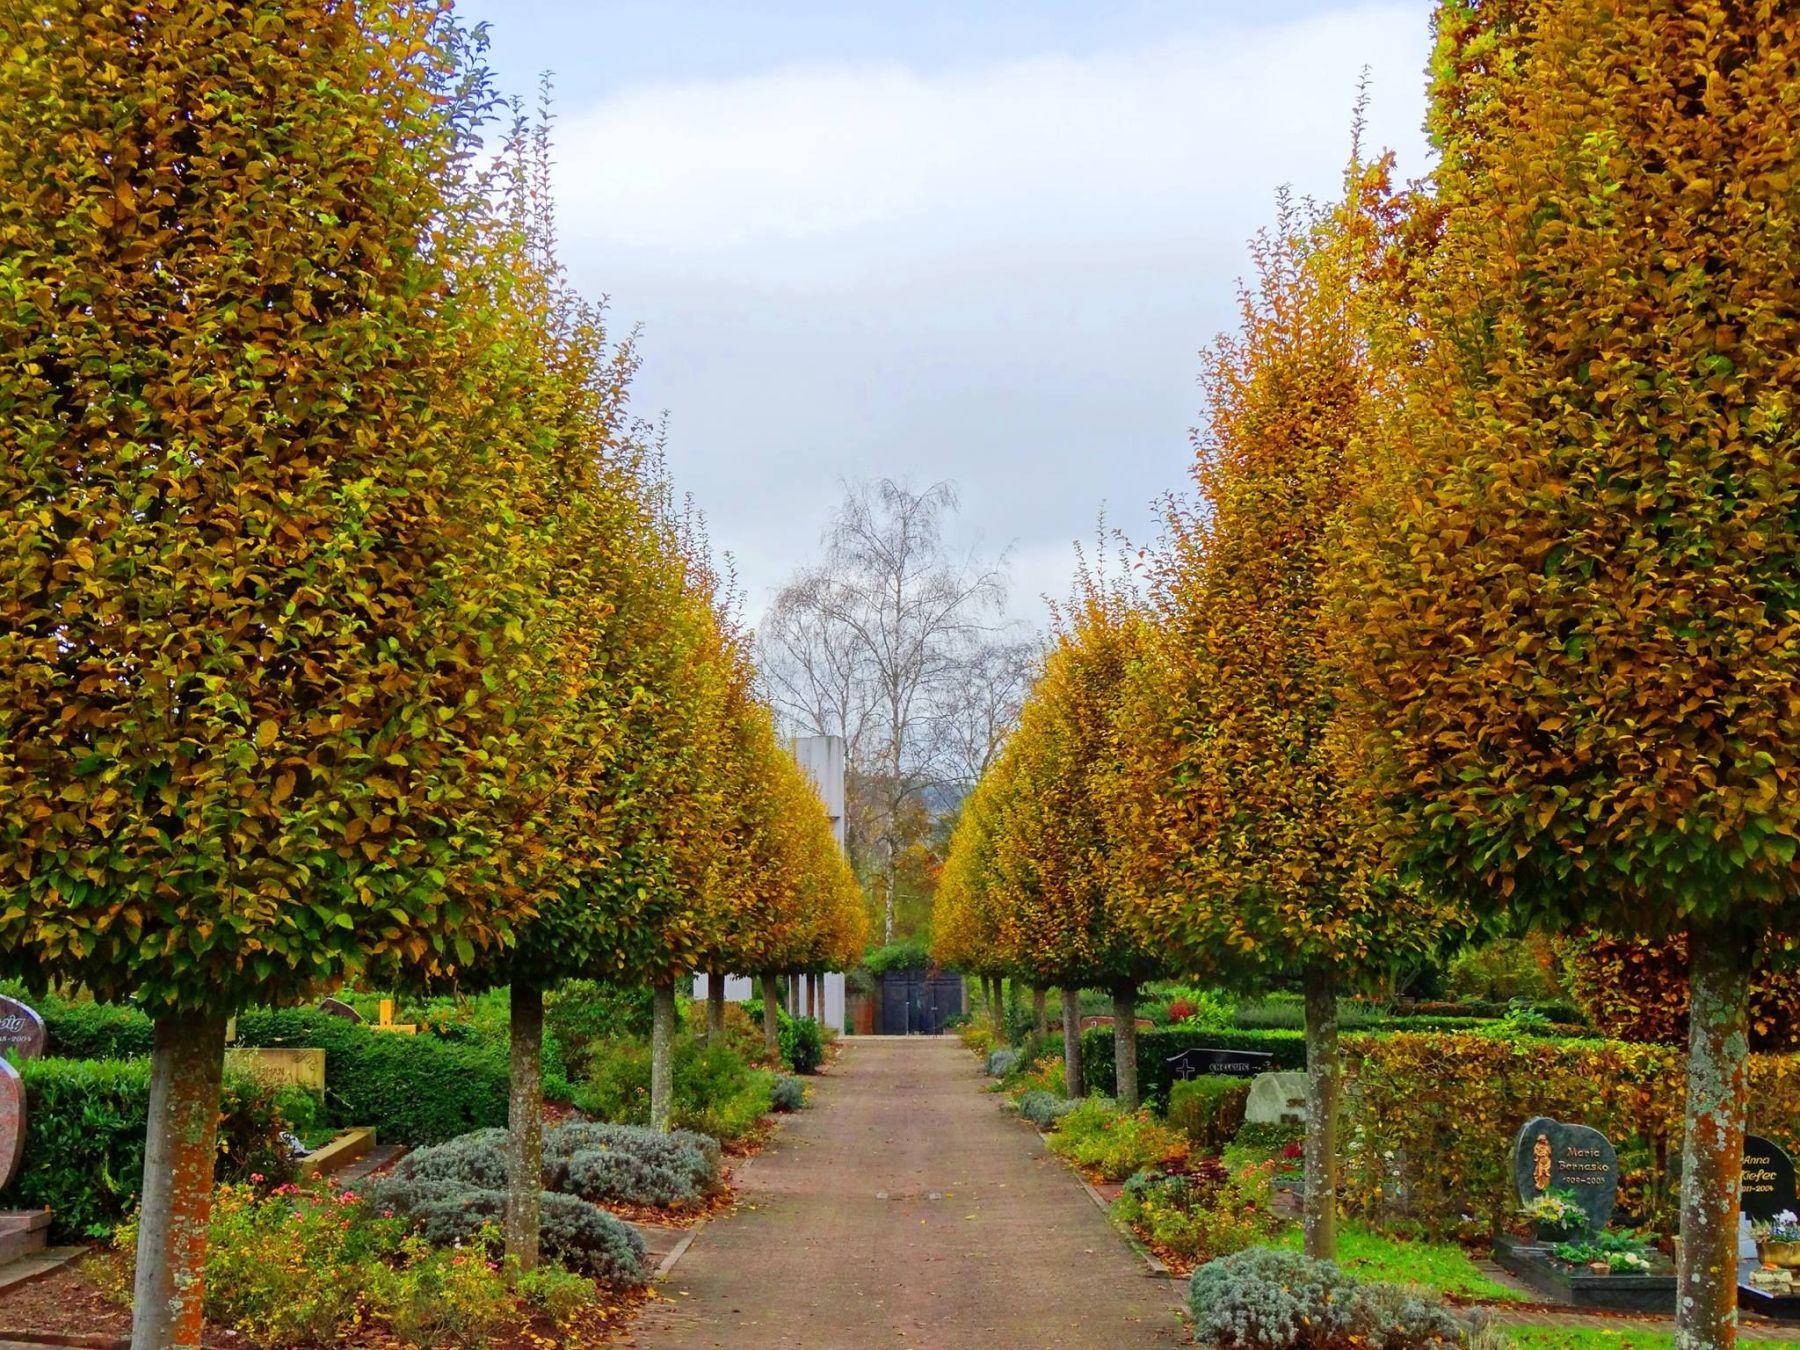 Friedhof Bietzen